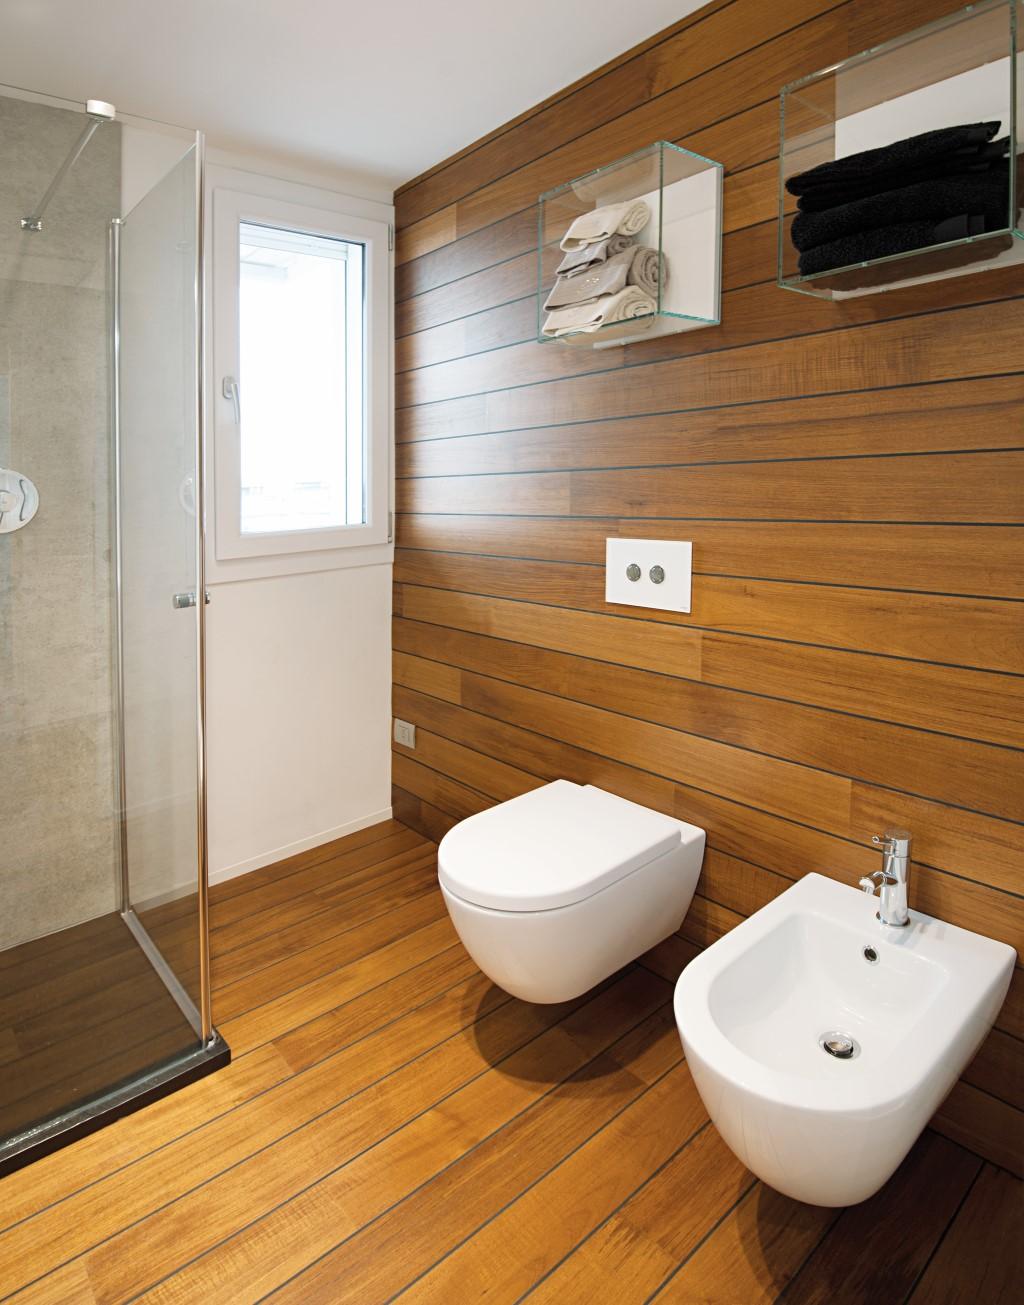 Pavimenti in legno parquet garbellotto maffeisistemi - Parquet in bagno e cucina ...